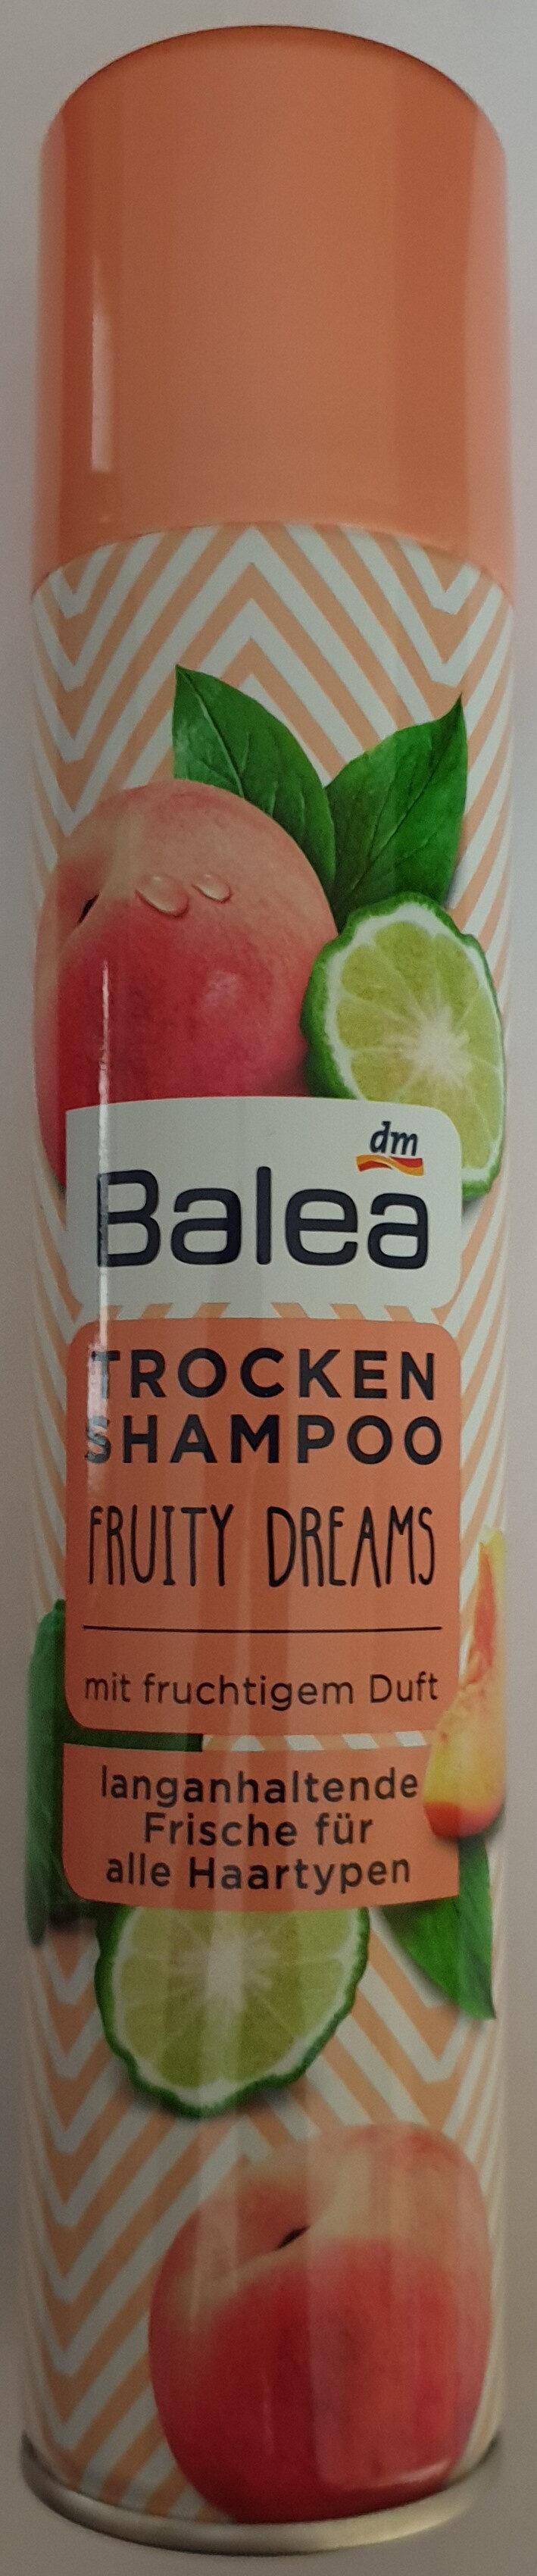 Trockenshampoo Fruity Dreams - Продукт - de